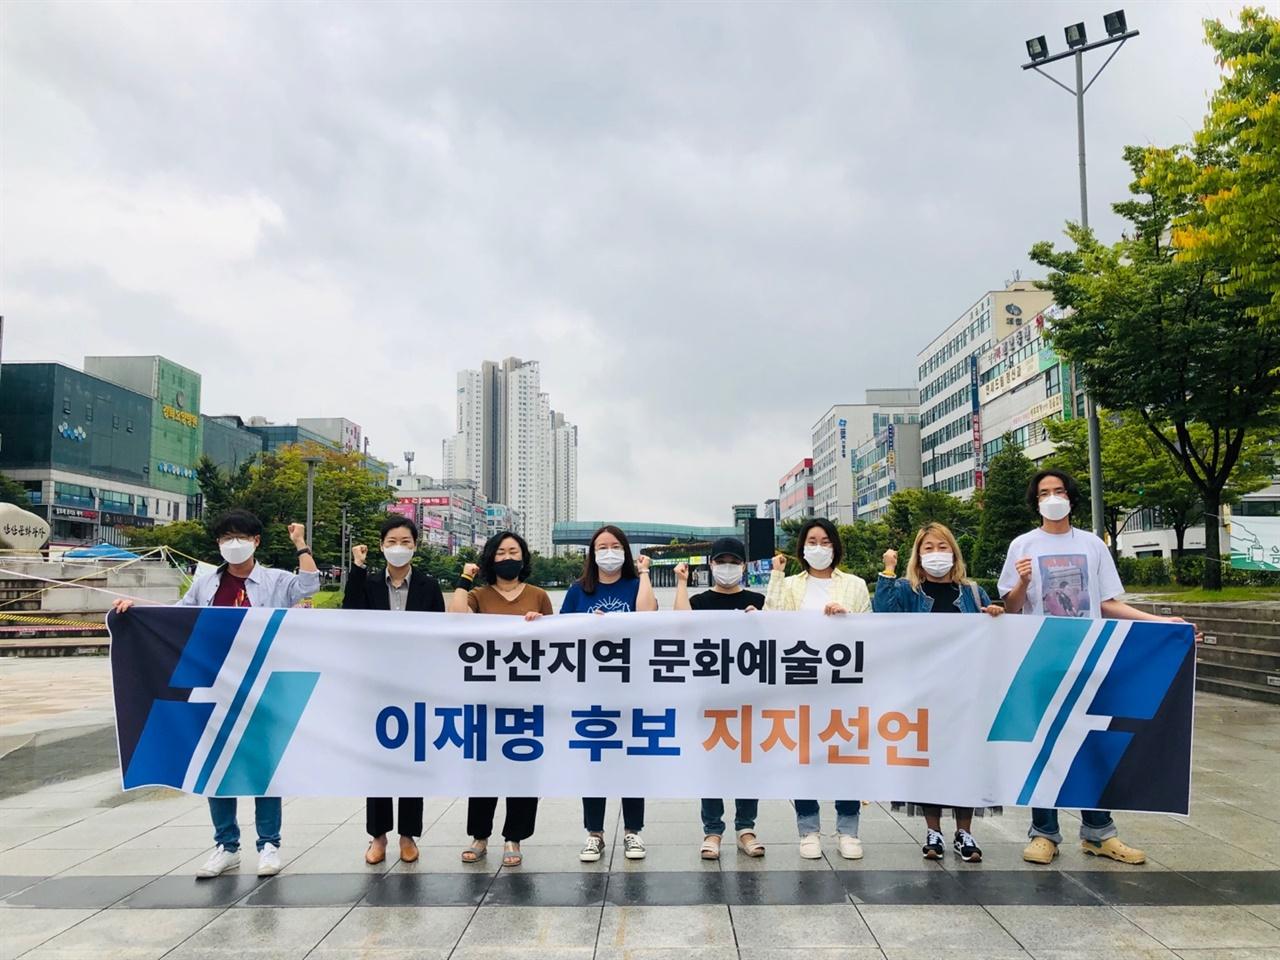 안산지역 문화예술인들이 이재명 후보 지지선언에 나섰다.